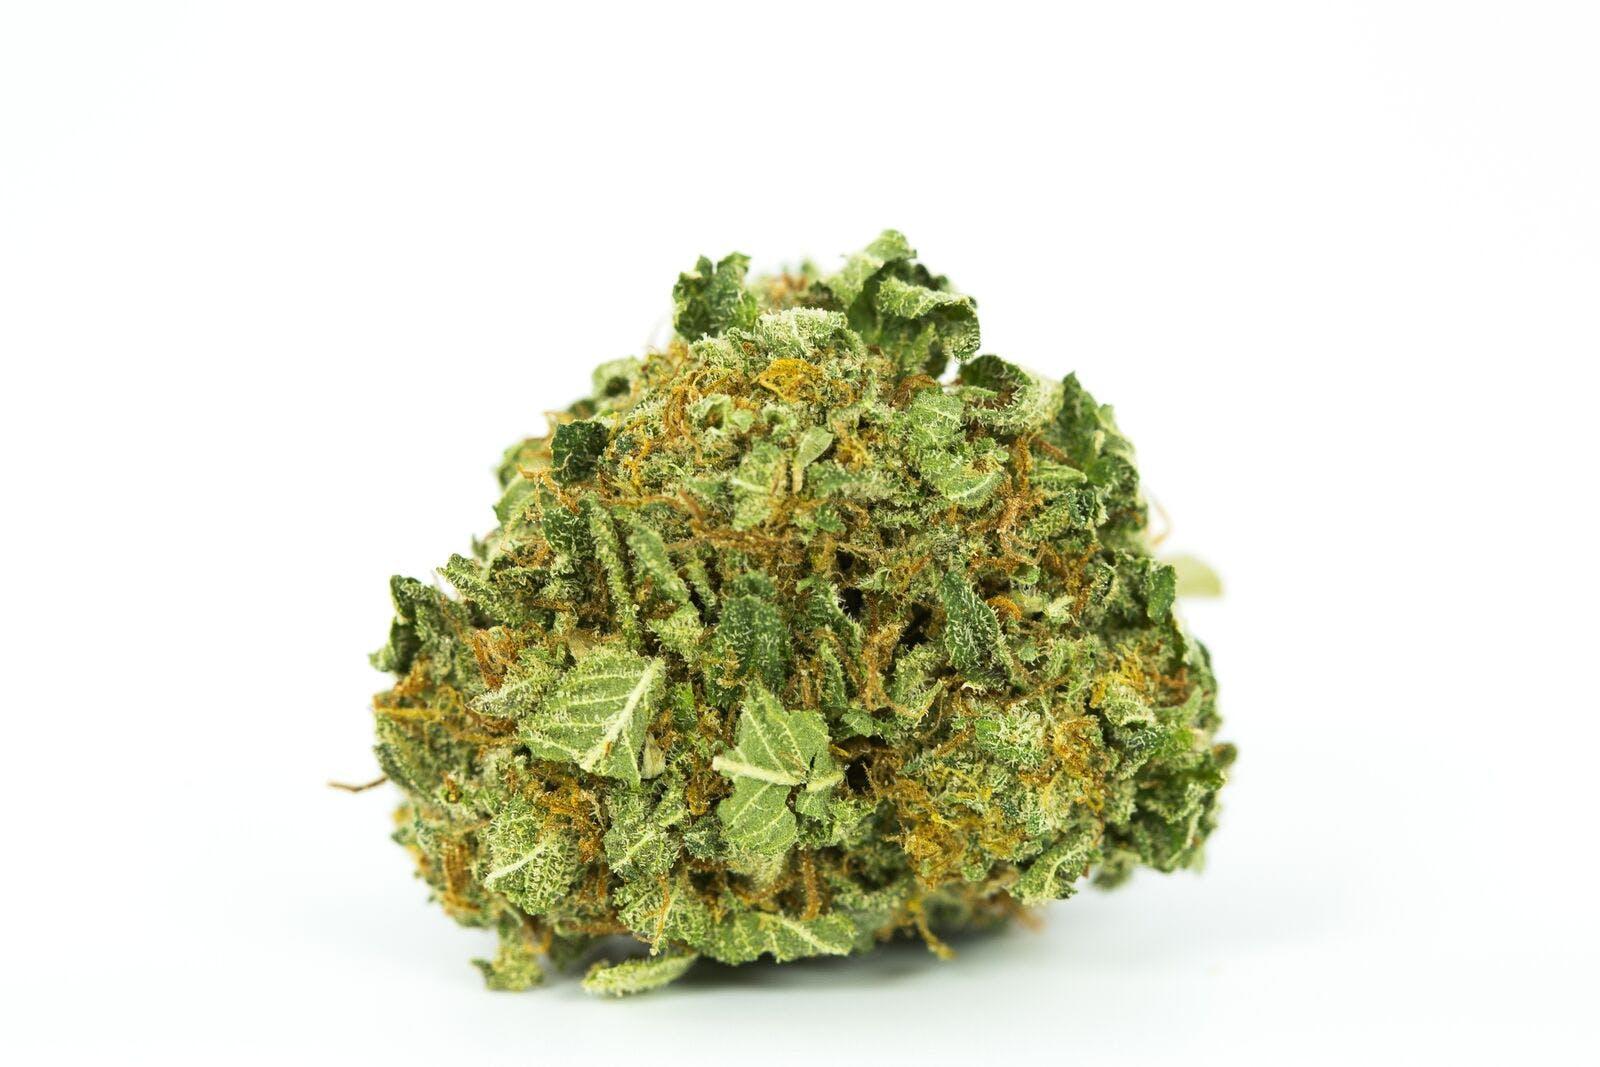 Face Off OG Weed; Face Off OG Cannabis Strain; Face Off OG Indica Marijuana Strain